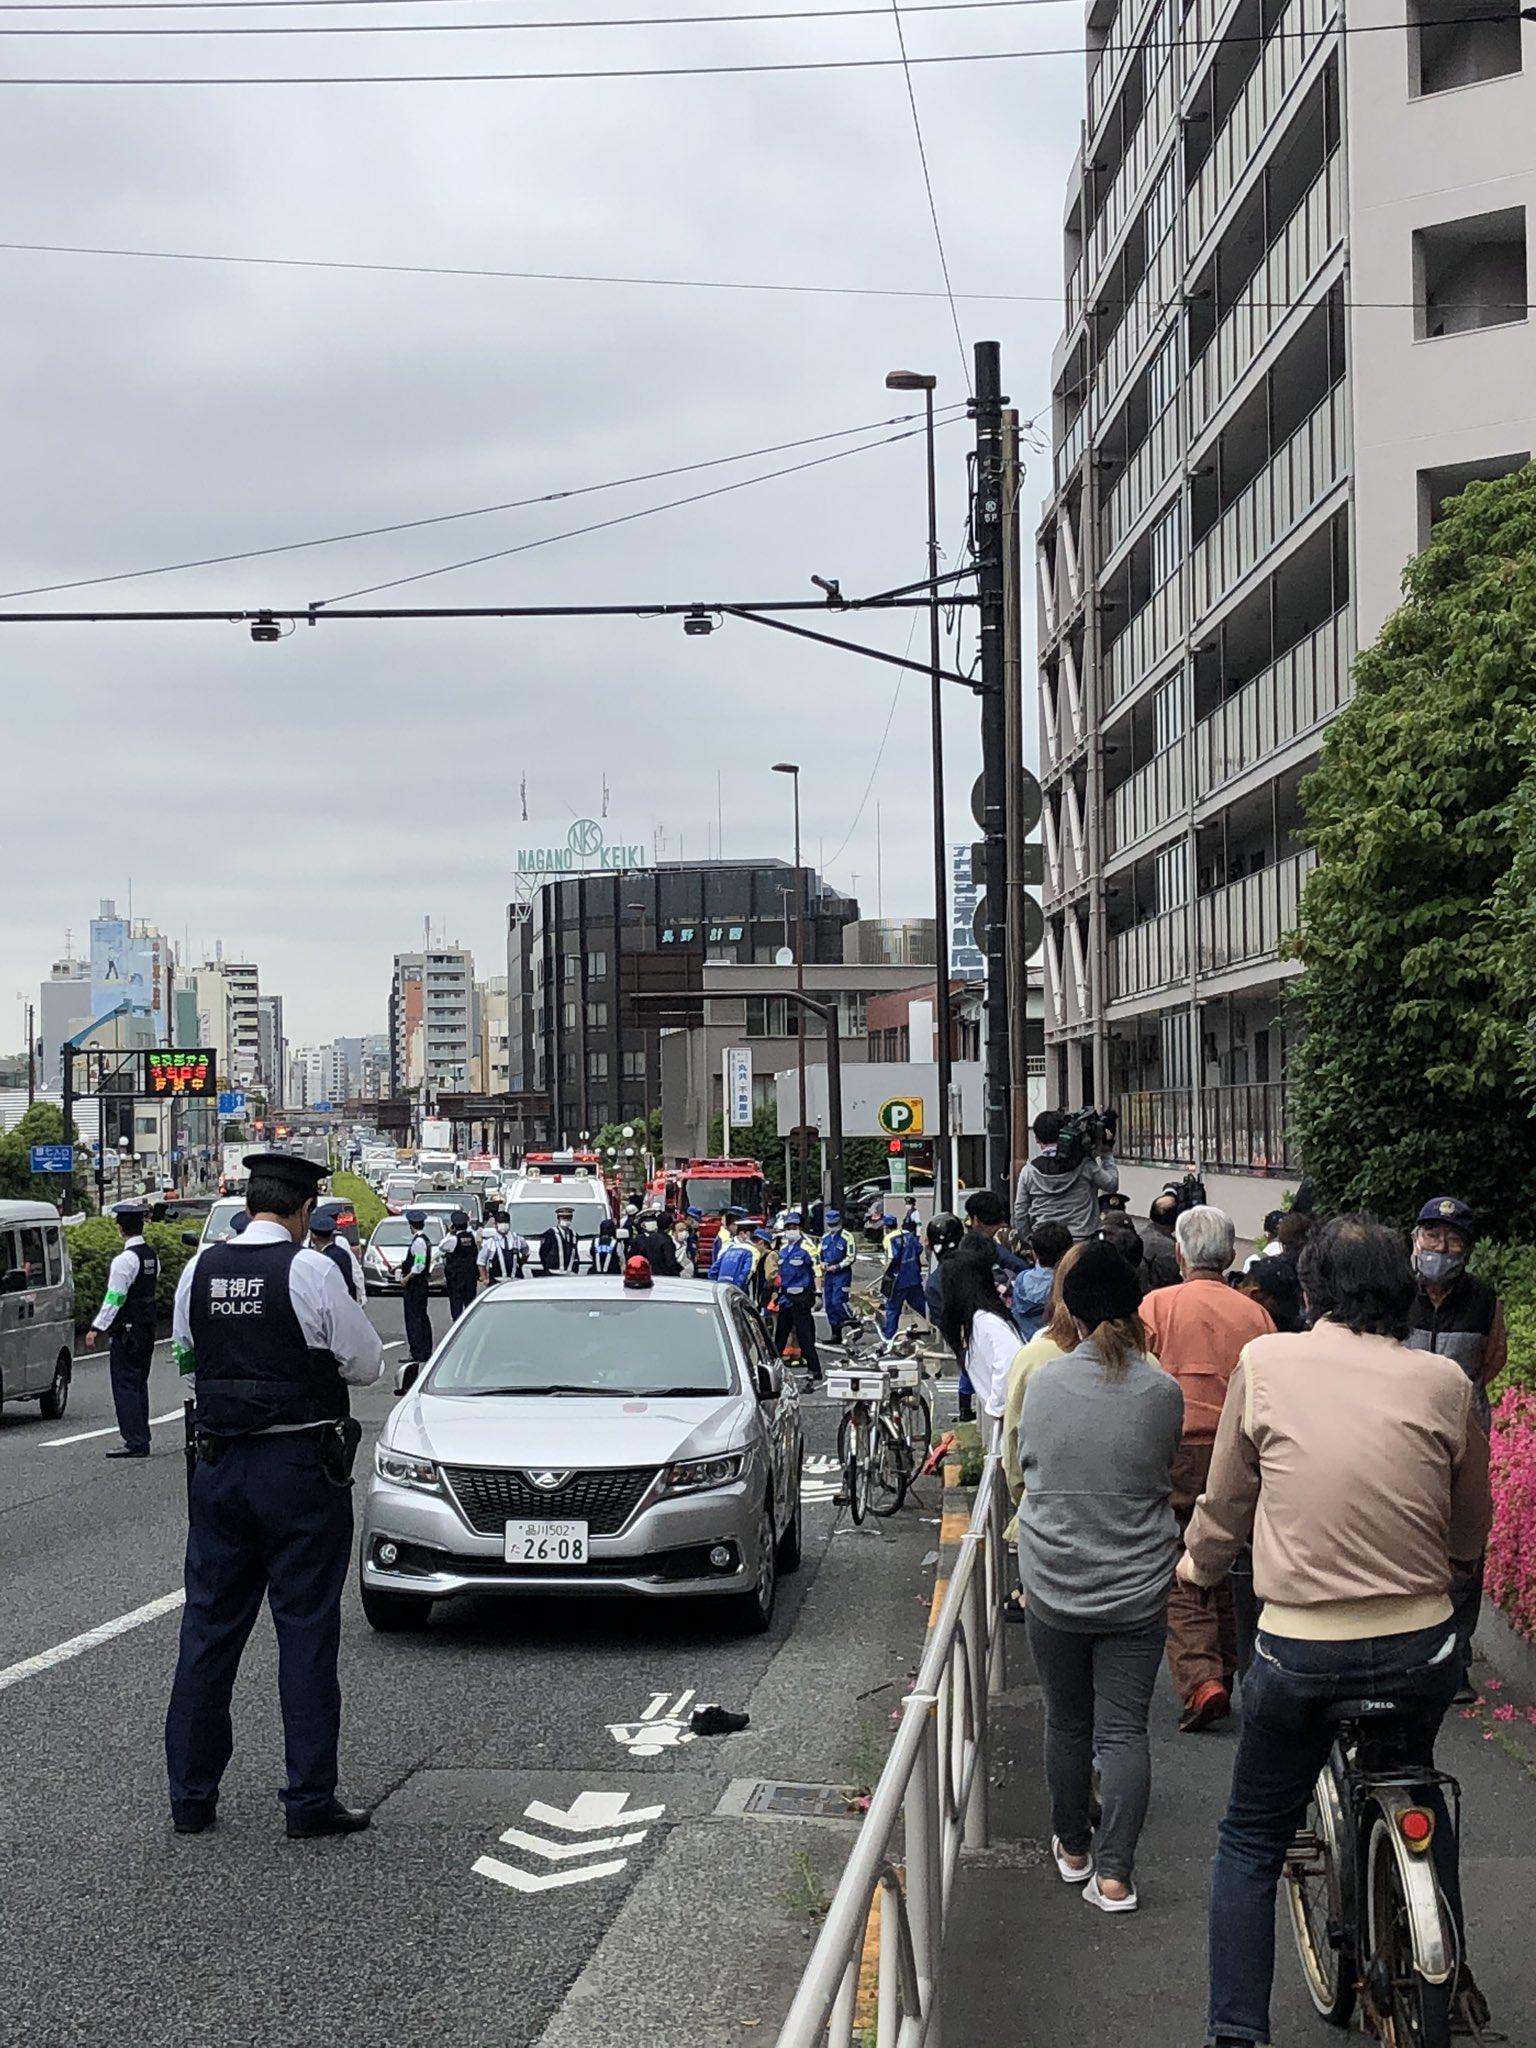 大田区の死亡ひき逃げ事件で警察が現場検証している画像